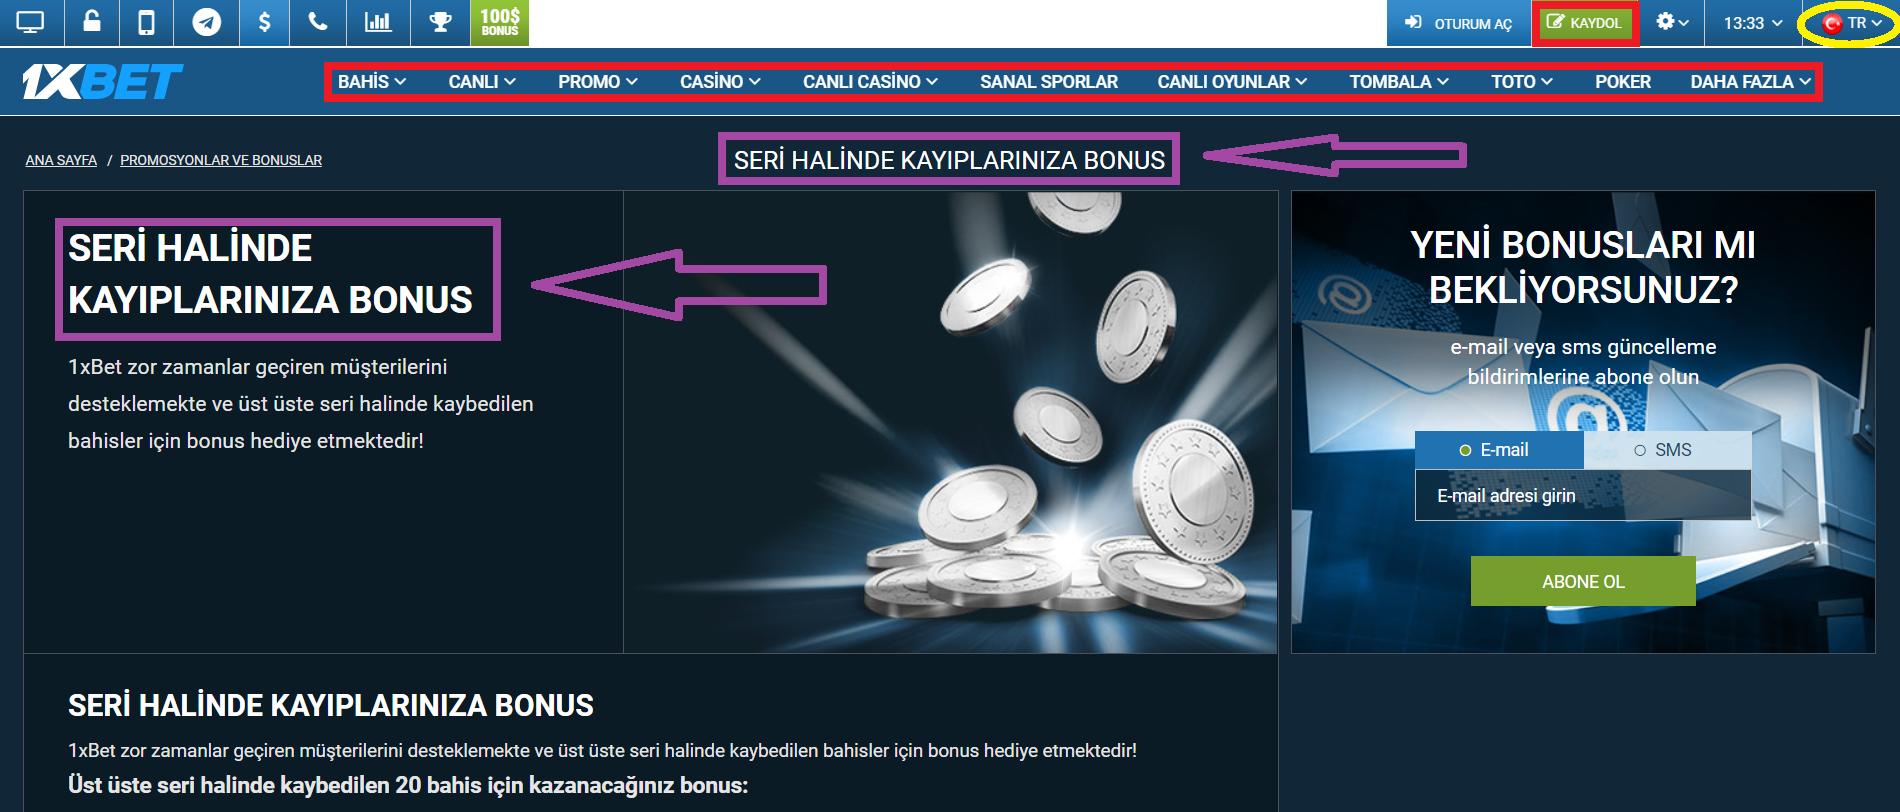 Kullanıcılar 1xBet para çekme sorunu ile karşılaşabilirler mi